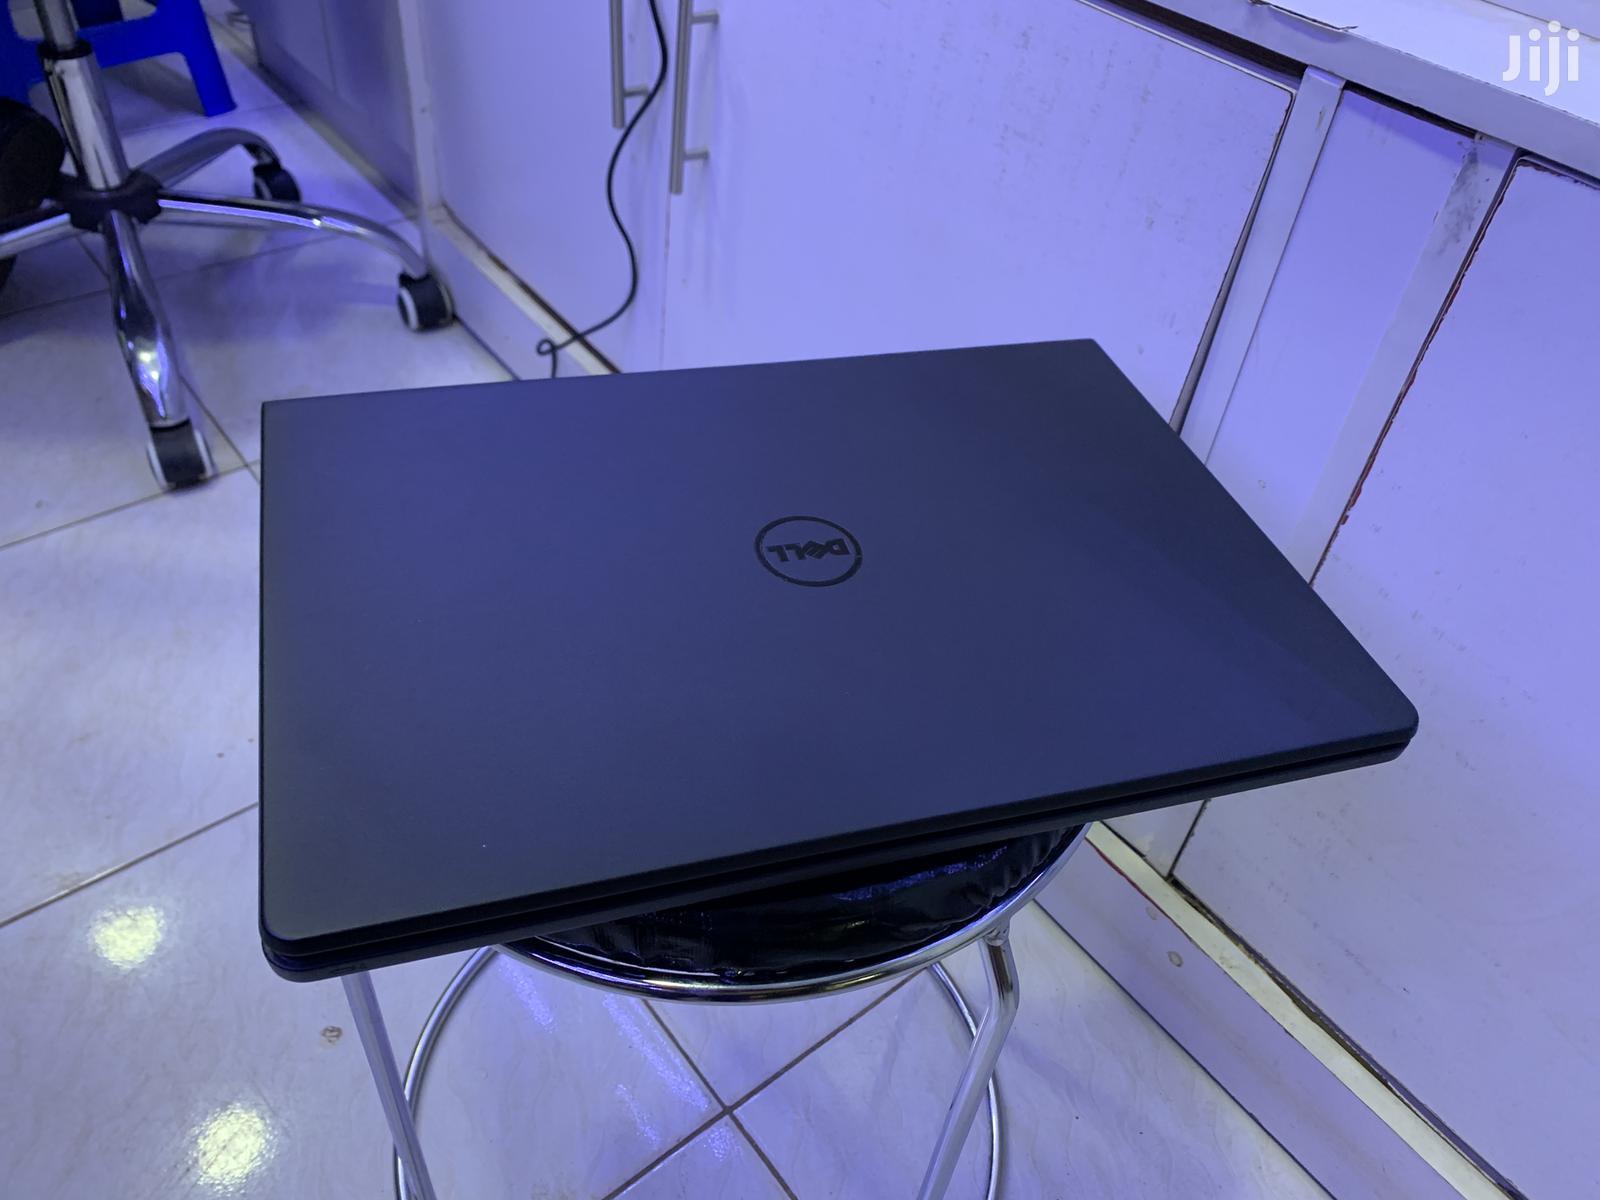 Laptop Dell Inspiron 15 3000 4GB Intel Core i7 500GB